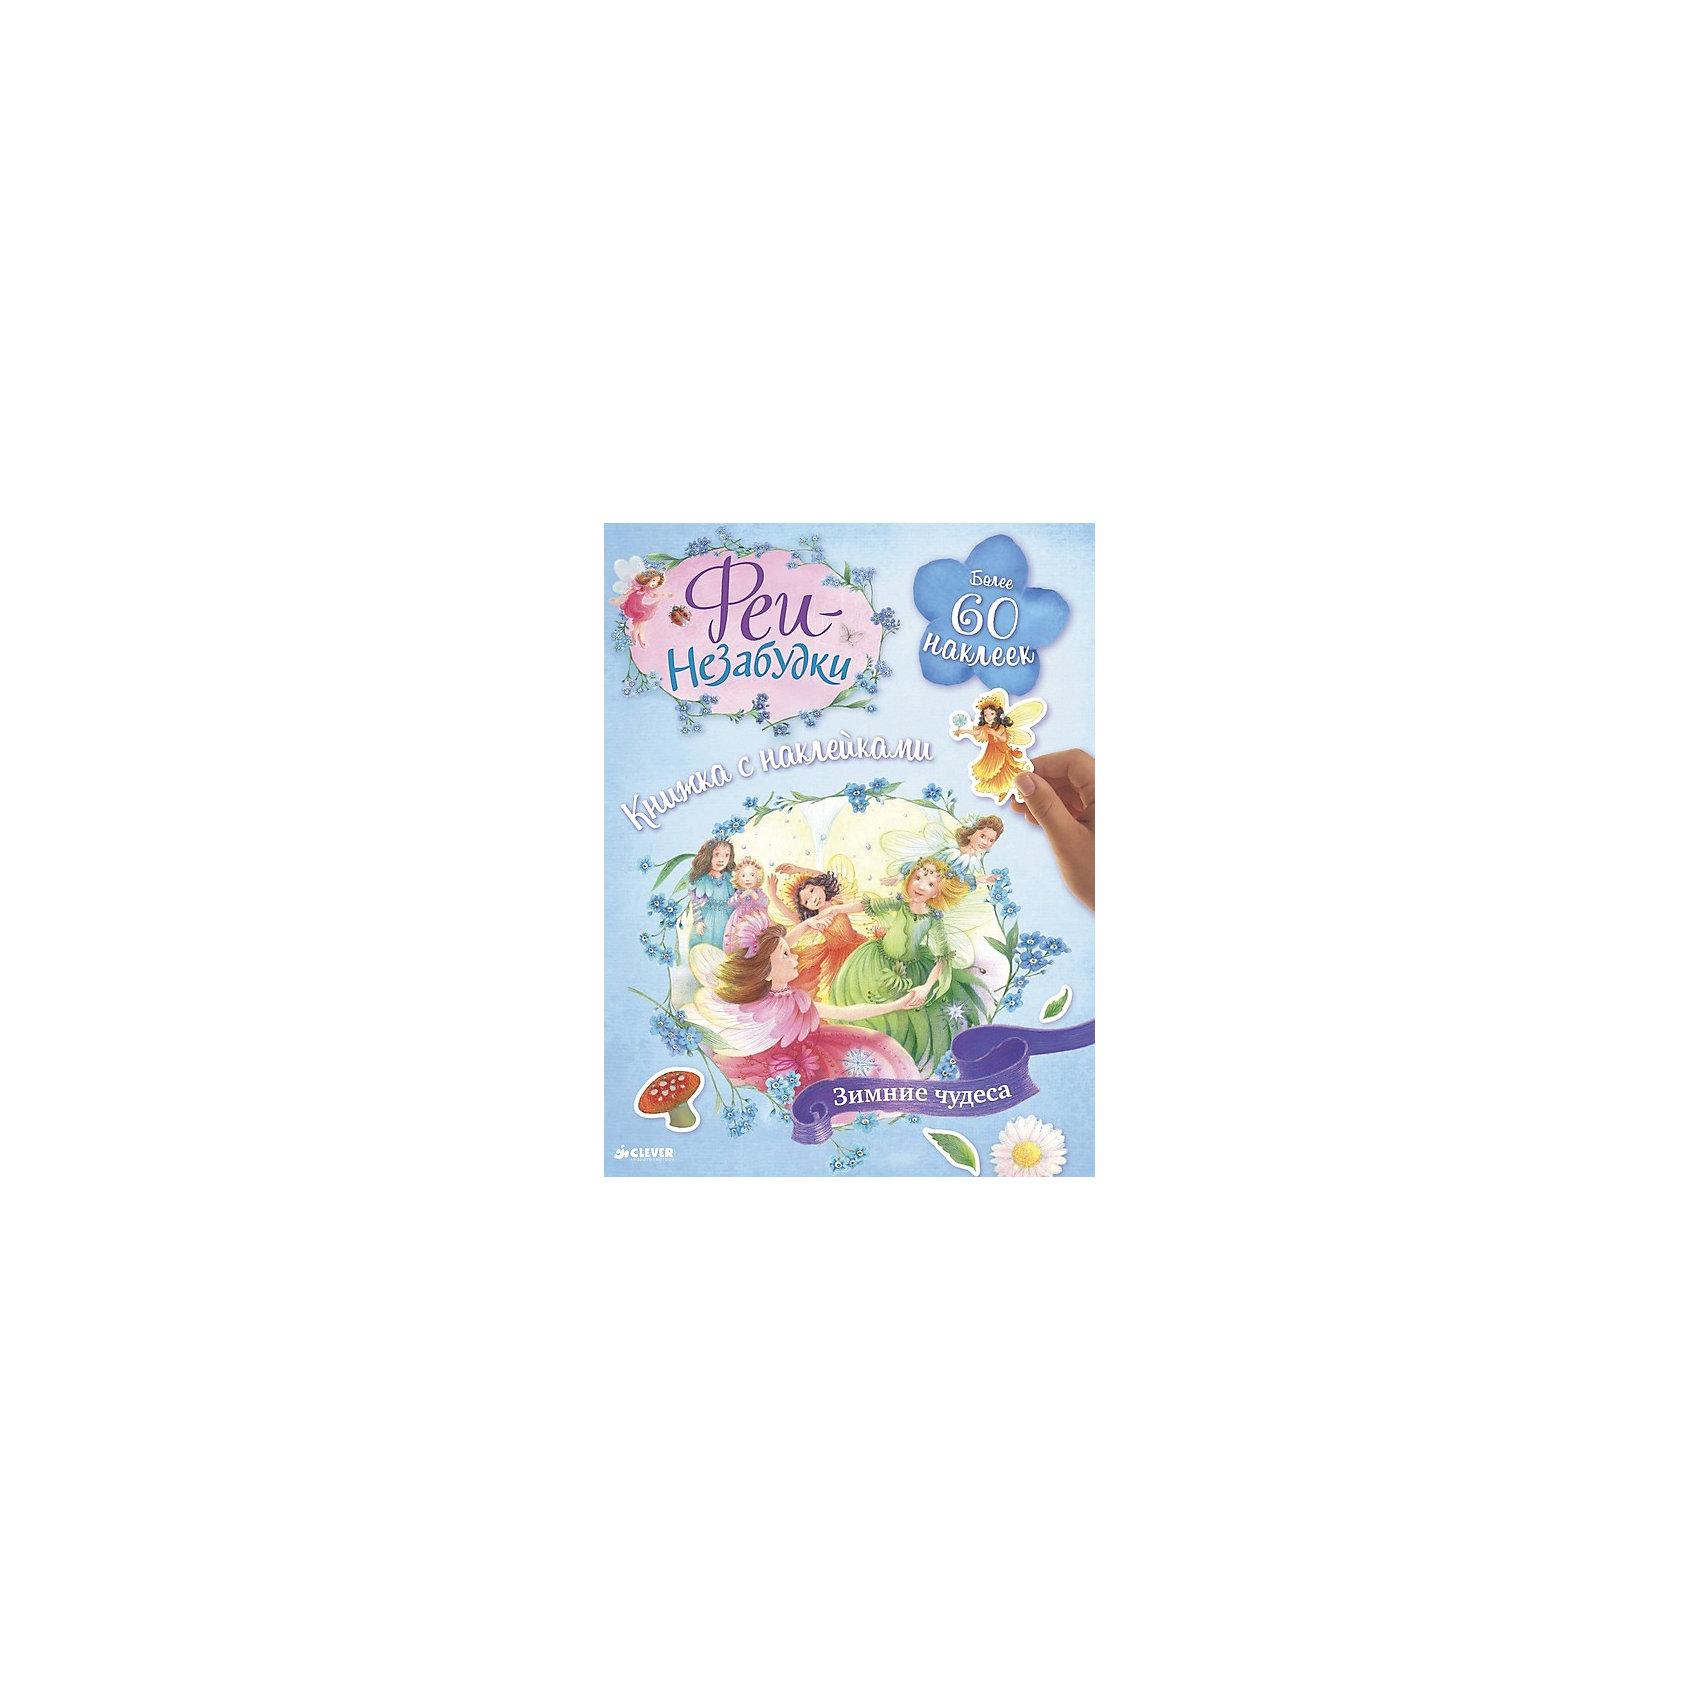 Clever Книжка с наклейками Зимние чудеса clever книжка творческие задания животные 23 пошаговых урока